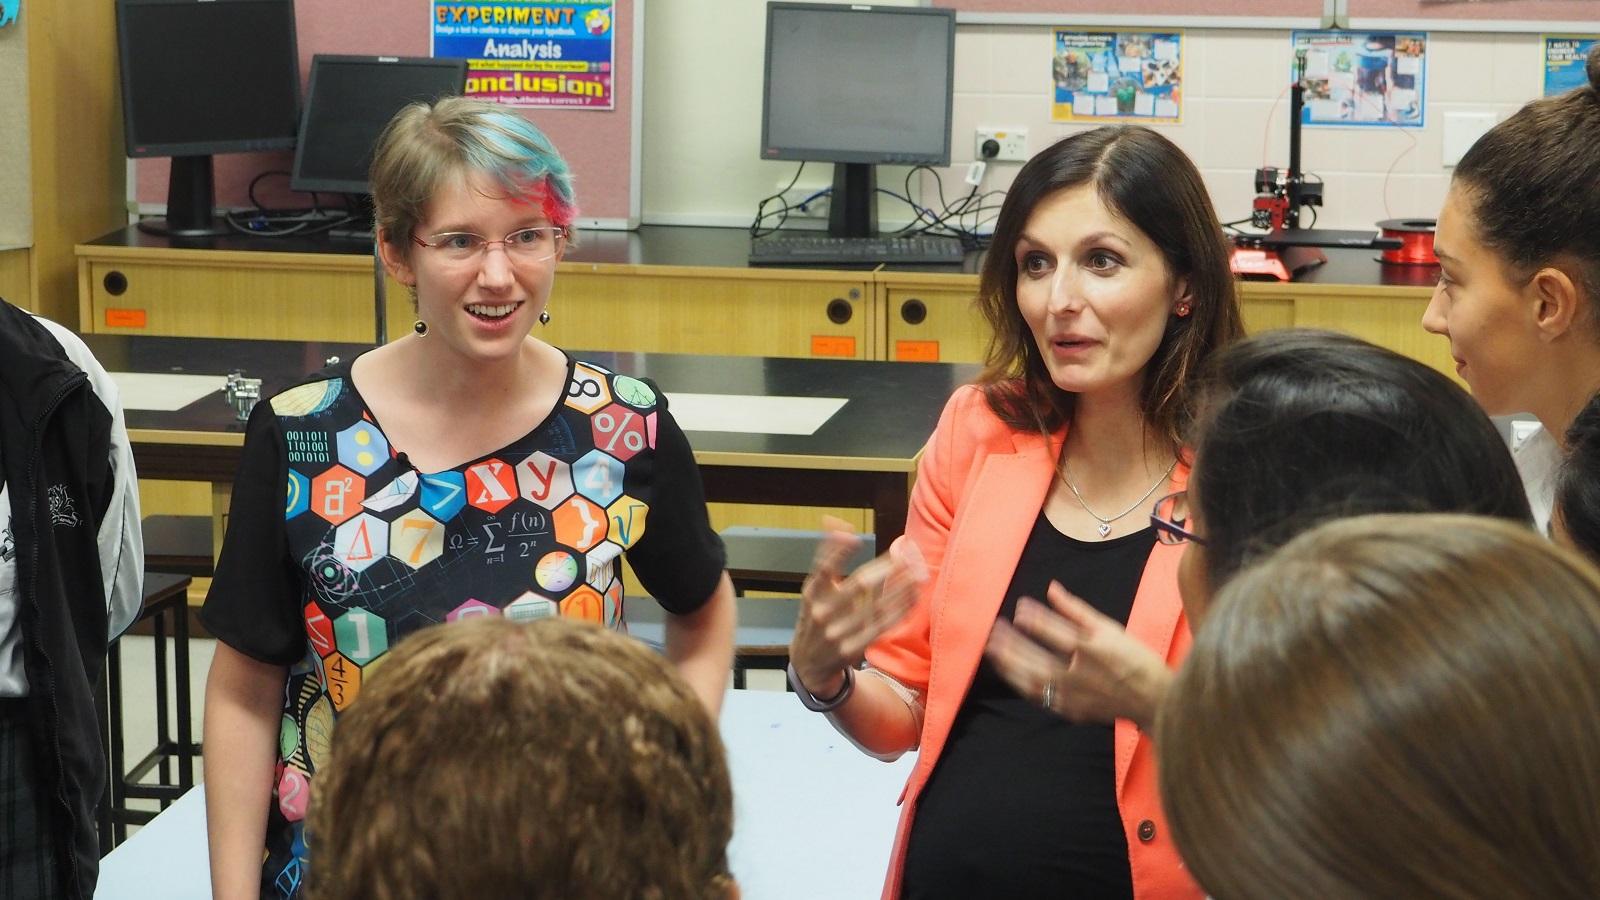 Nicky Ringland and Muireann Irish speaking with school girls